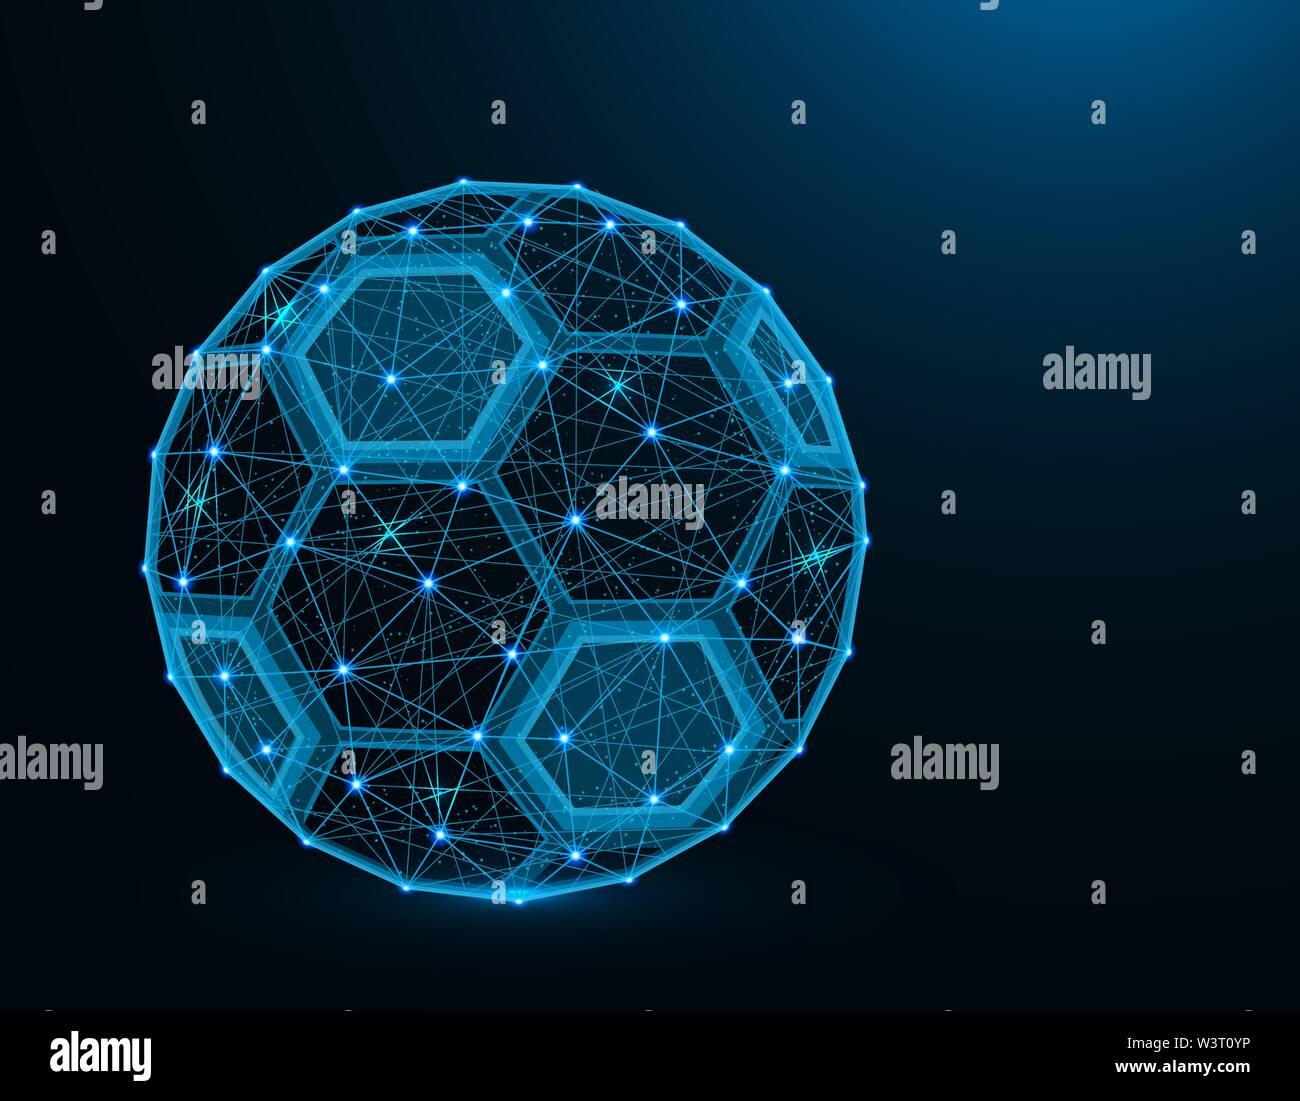 Ballon de soccer faible modèle poly jeu de sport, football, graphiques abstraits wireframe polygonale vector illustration sur fond bleu foncé Photo Stock